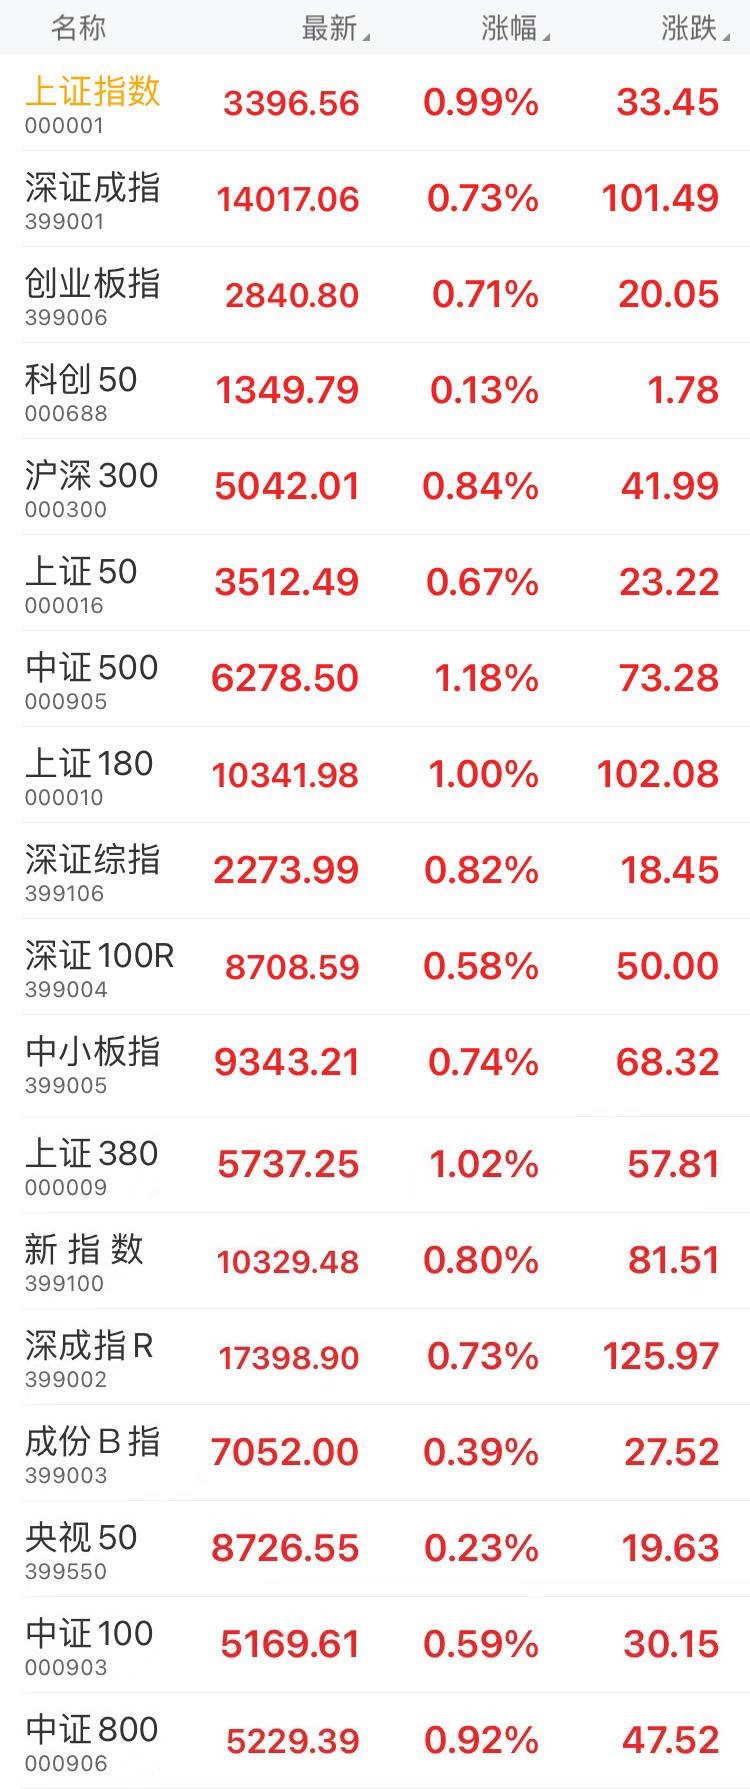 收盘:上证综指收盘上涨0.99%,创业板指数上涨0.71%